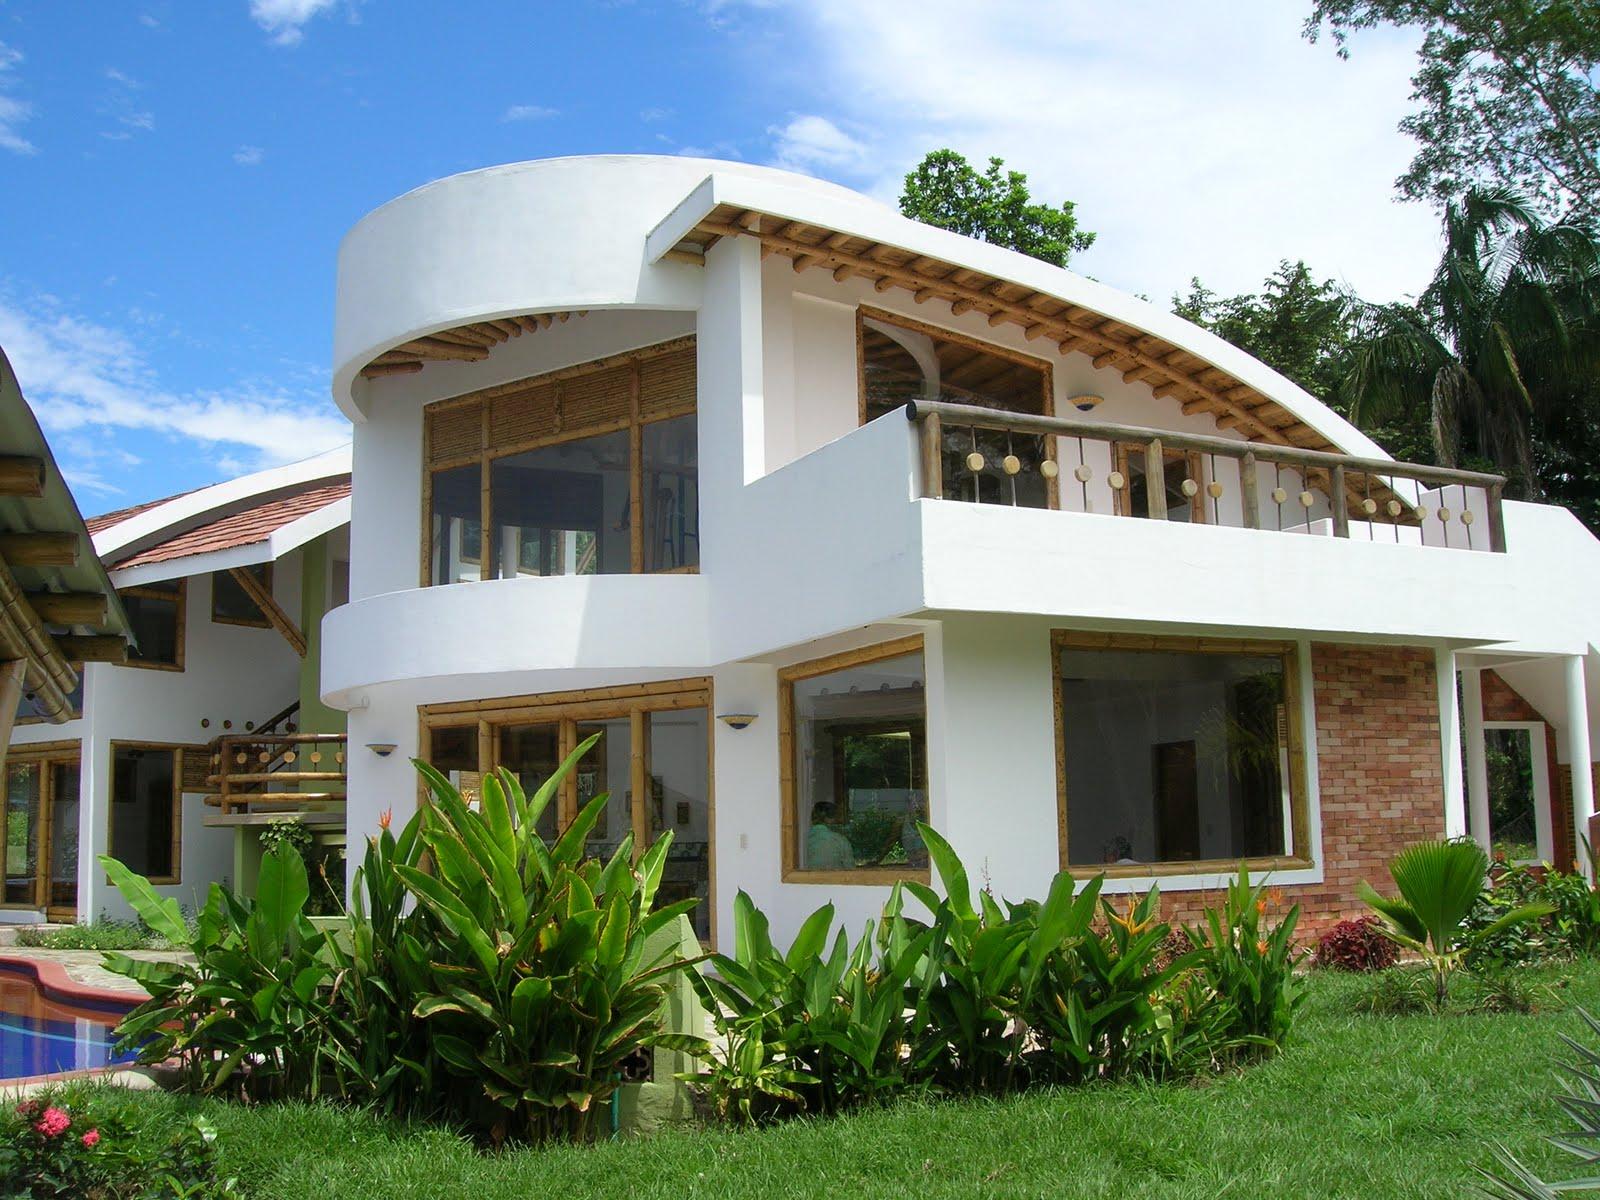 alquiler y venta casas colombia casa para alquilar en